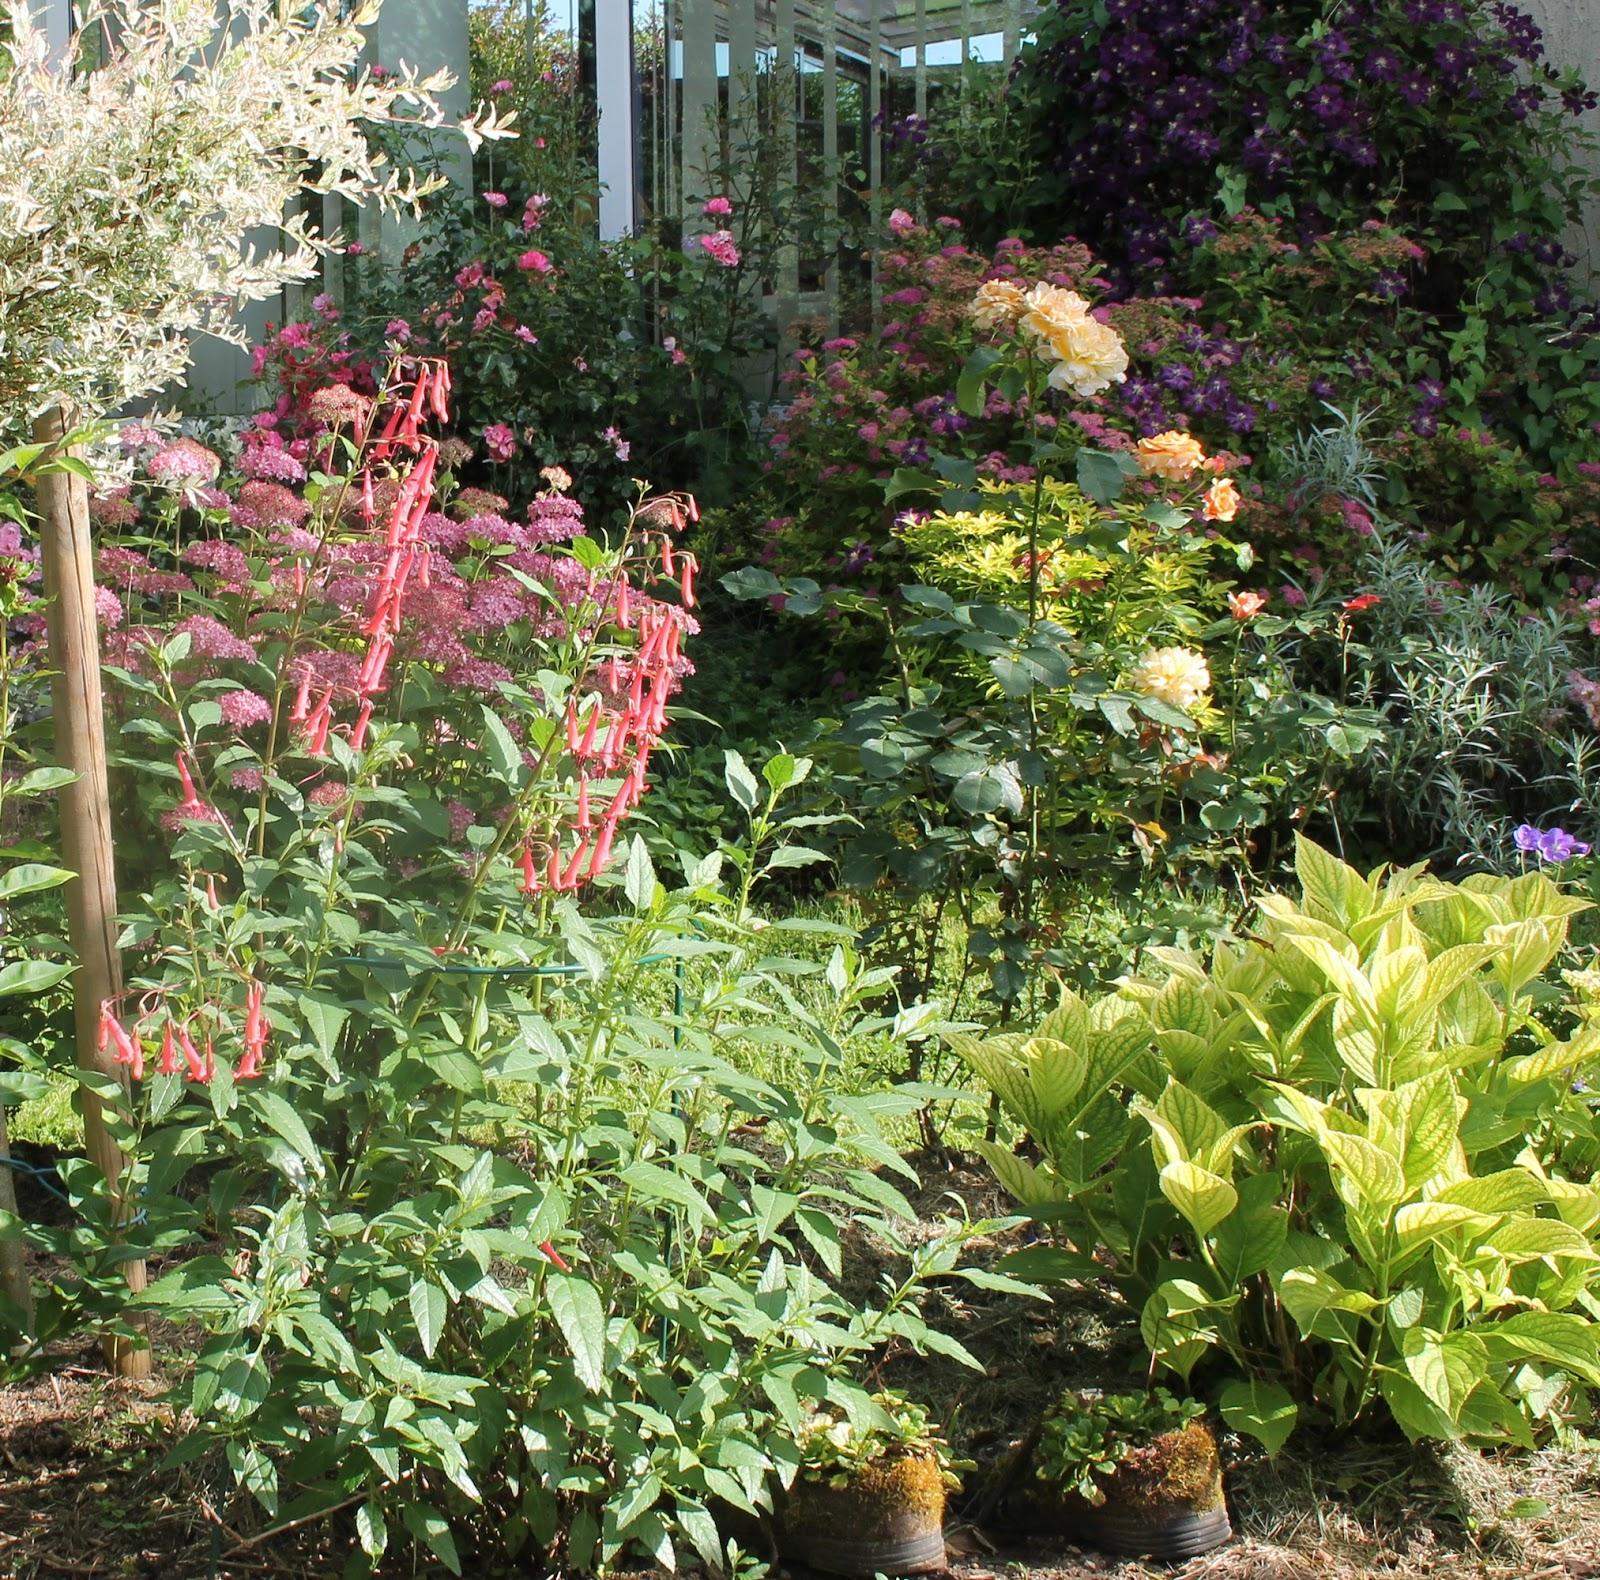 Doubs jardin petit tour au jardin 1 for Le jardin high wine